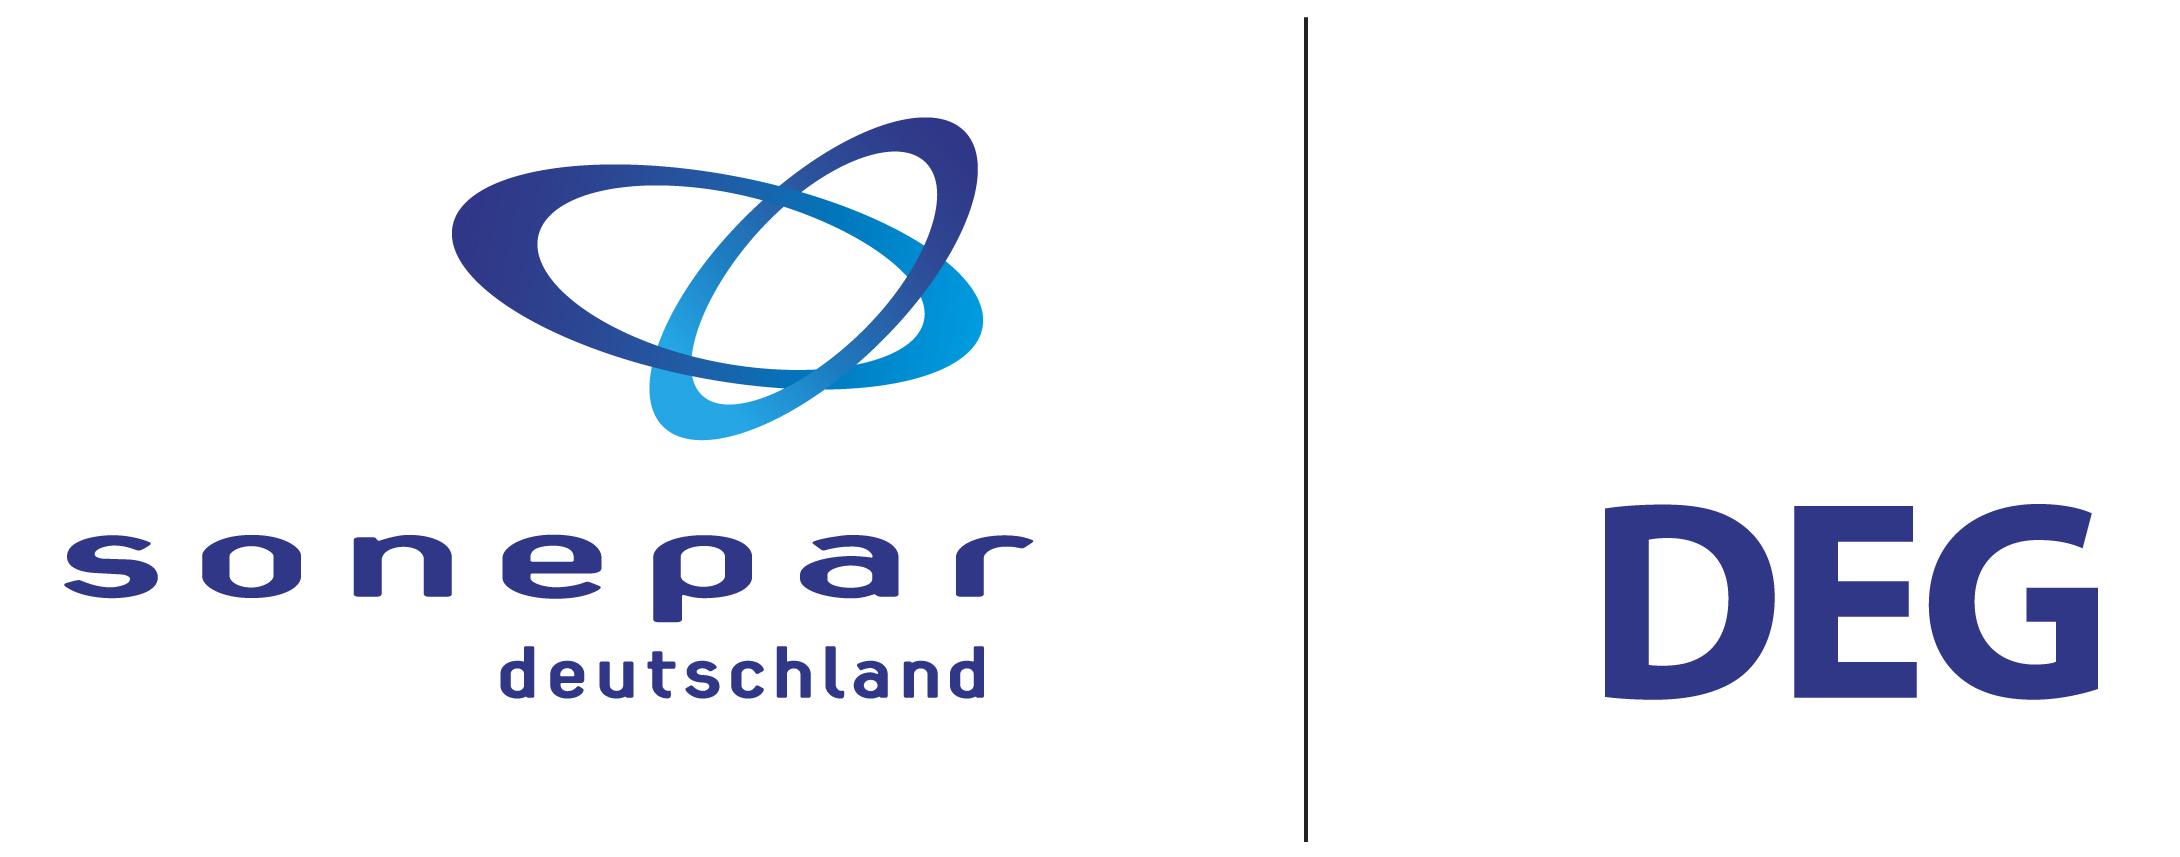 DEG Deutsche Elektro Gruppe Nord Nordhausen